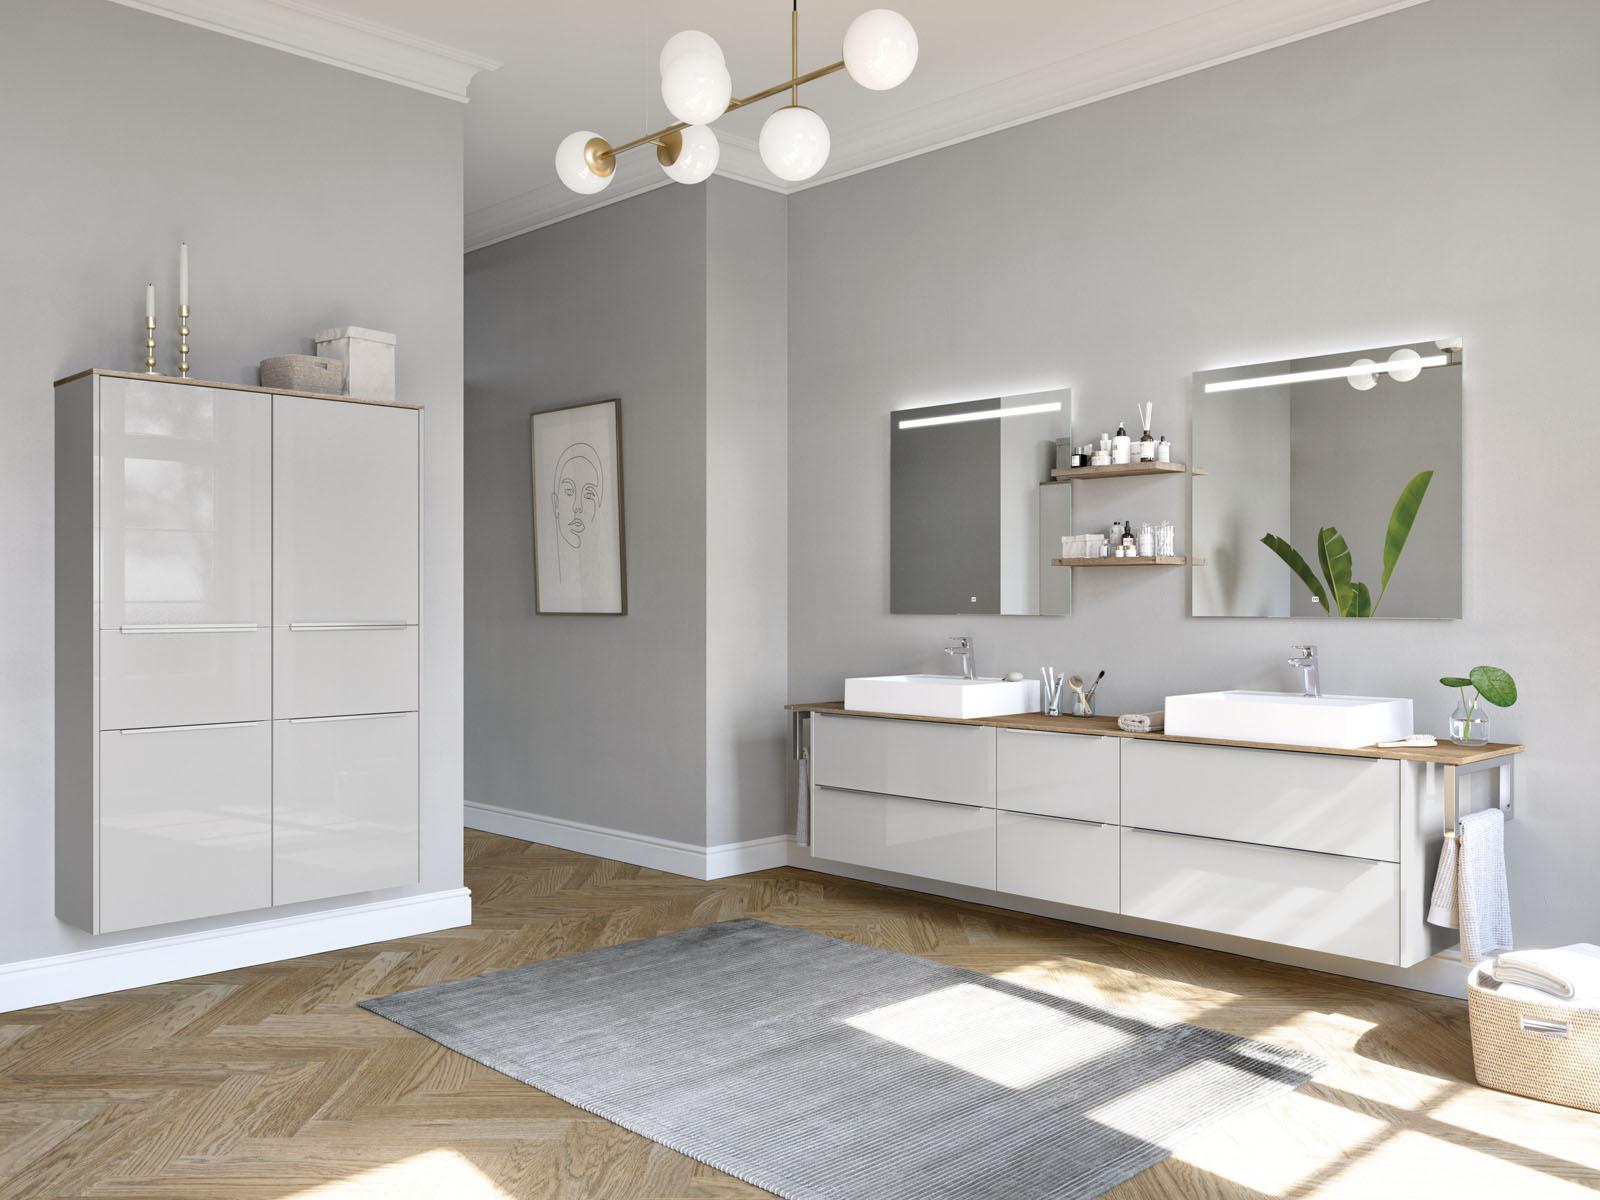 Küchentime Flash 819 - Bathroom